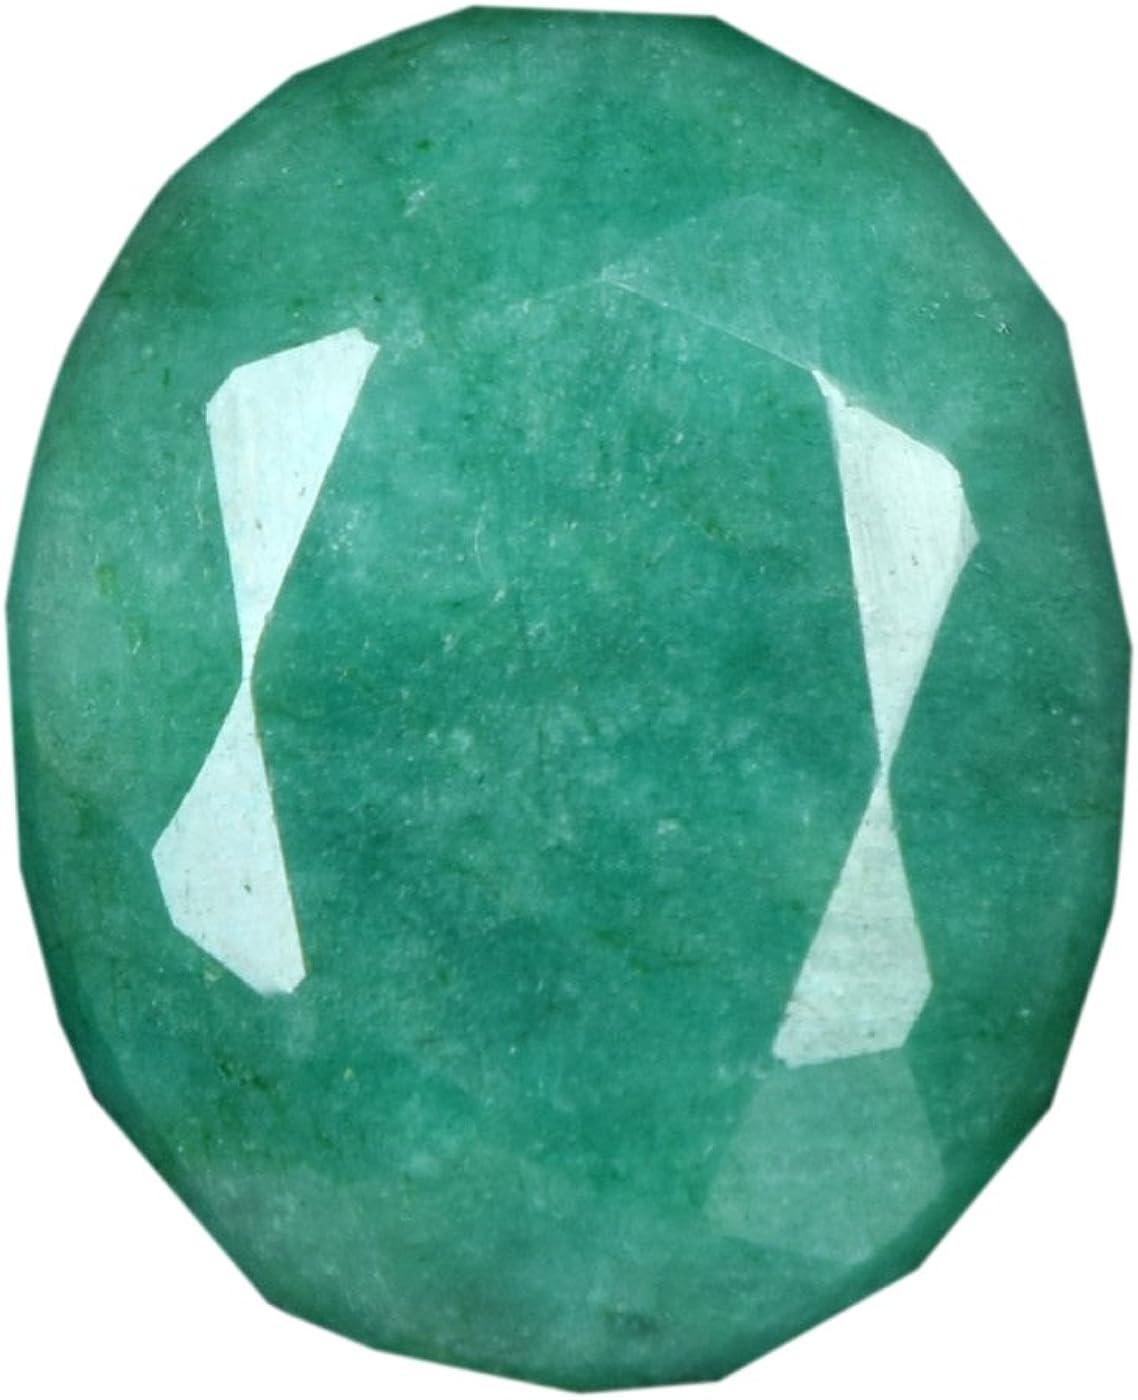 Gemhub Mayo Piedra del zodíacostone 20.50 Quilates. Piedra Preciosa Floja Esmeralda Cortada Oval Verde para el Colgante DD-876